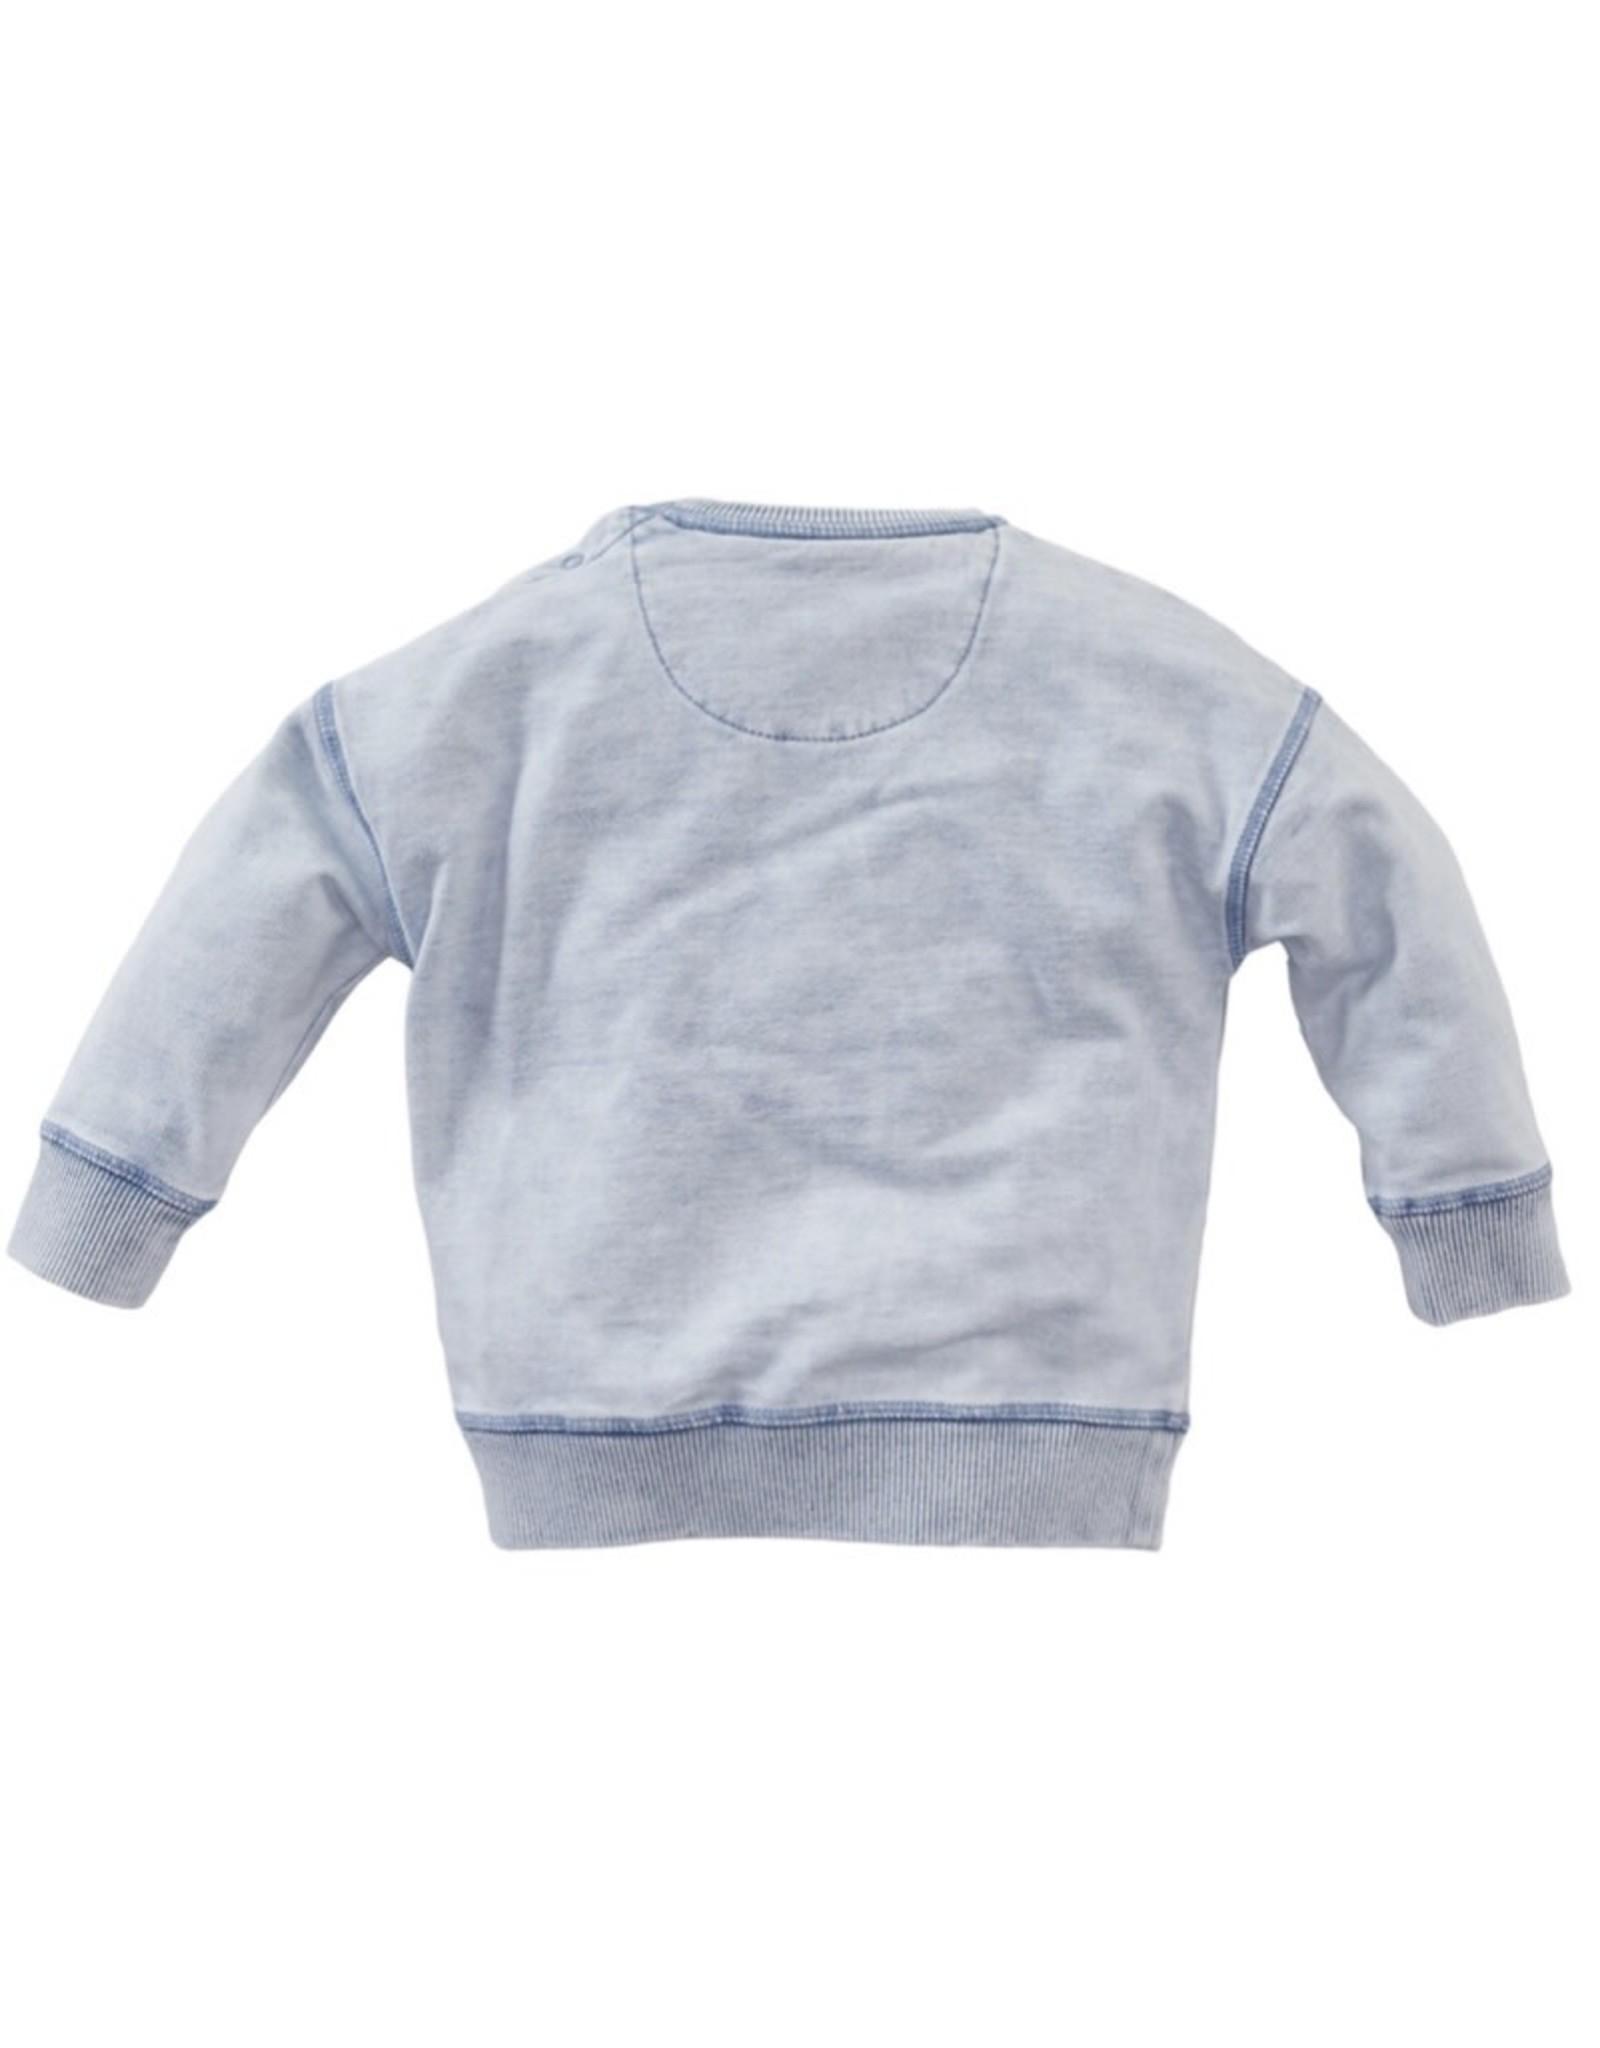 Z8 Berlioz Sweater